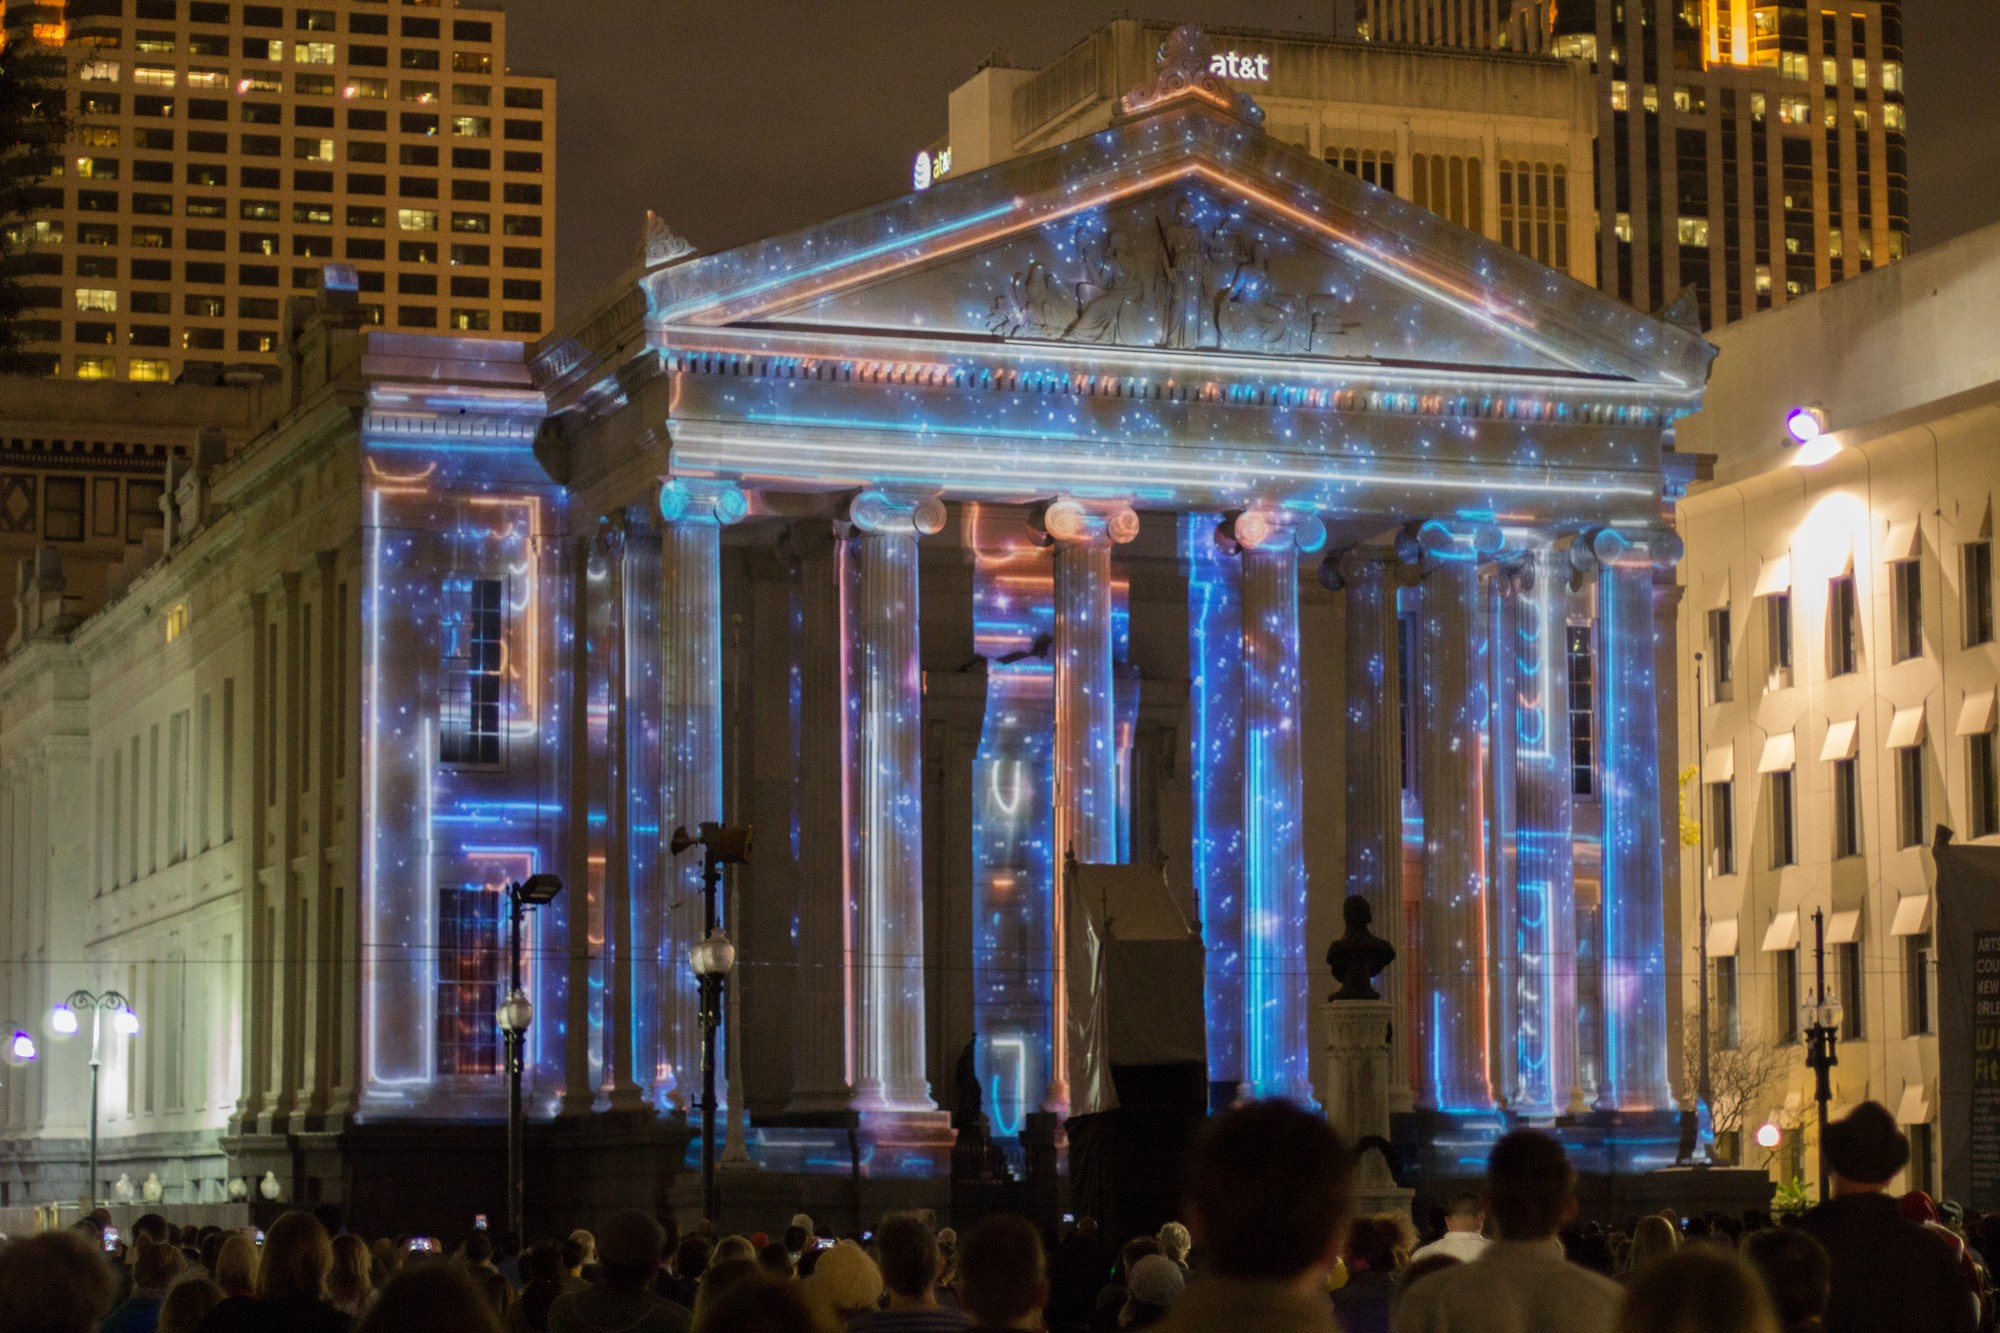 LUNA Fête lights up New Orleans for the holidays